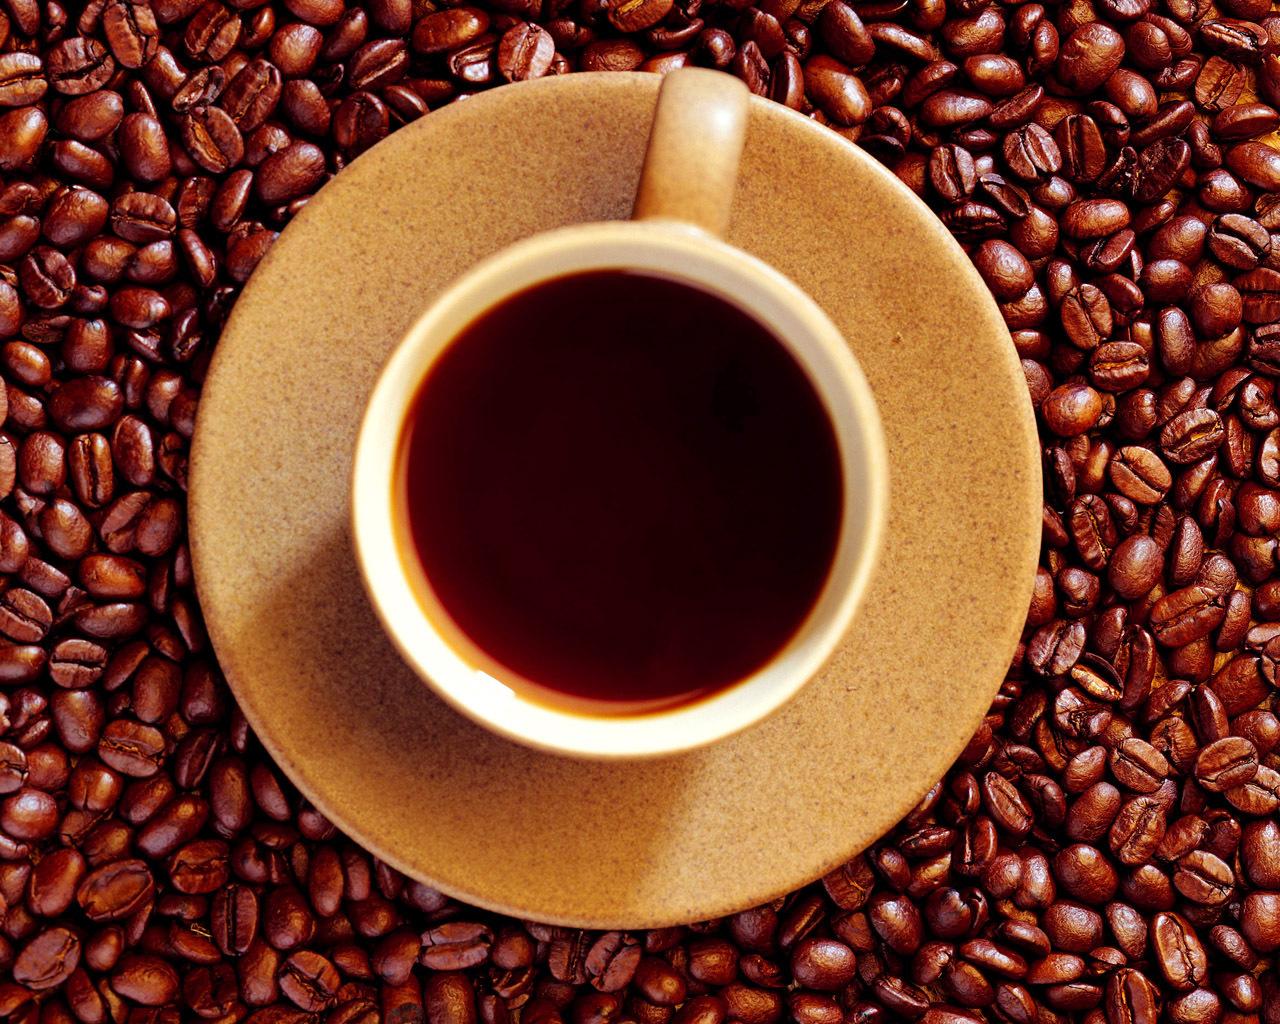 Coffee-coffee-8308264-1280-1024.jpg